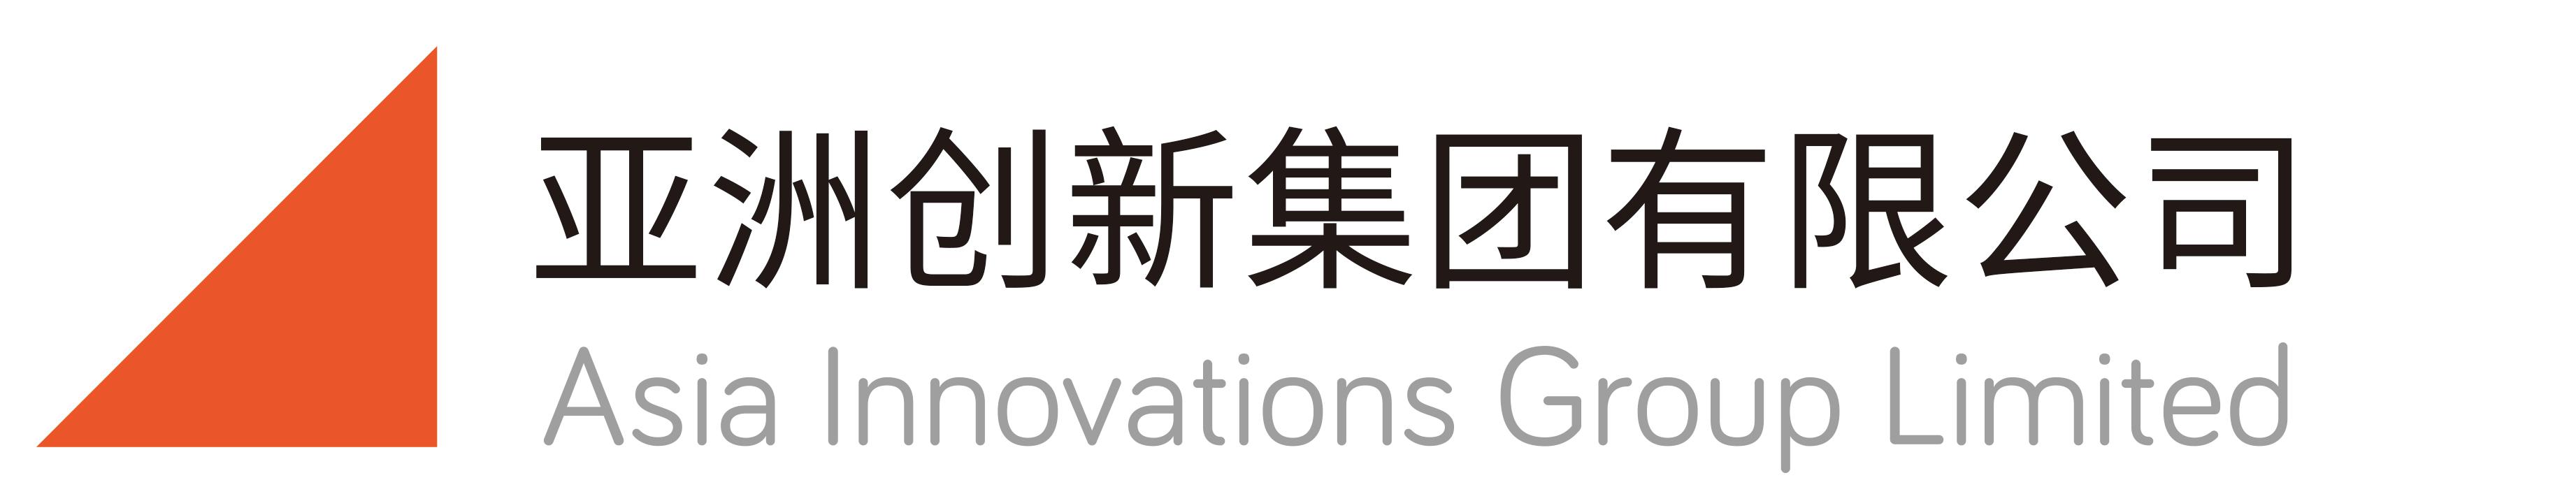 亚洲创新集团